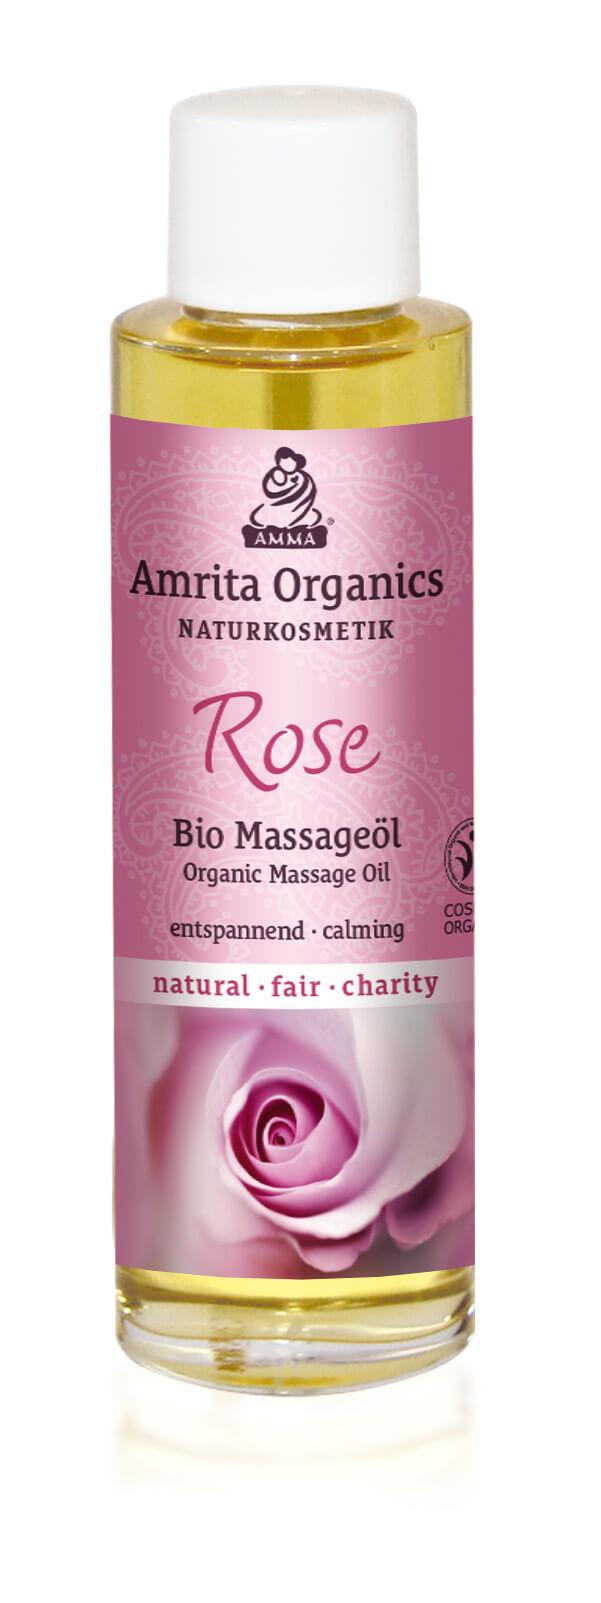 Massageöl Rose, bio